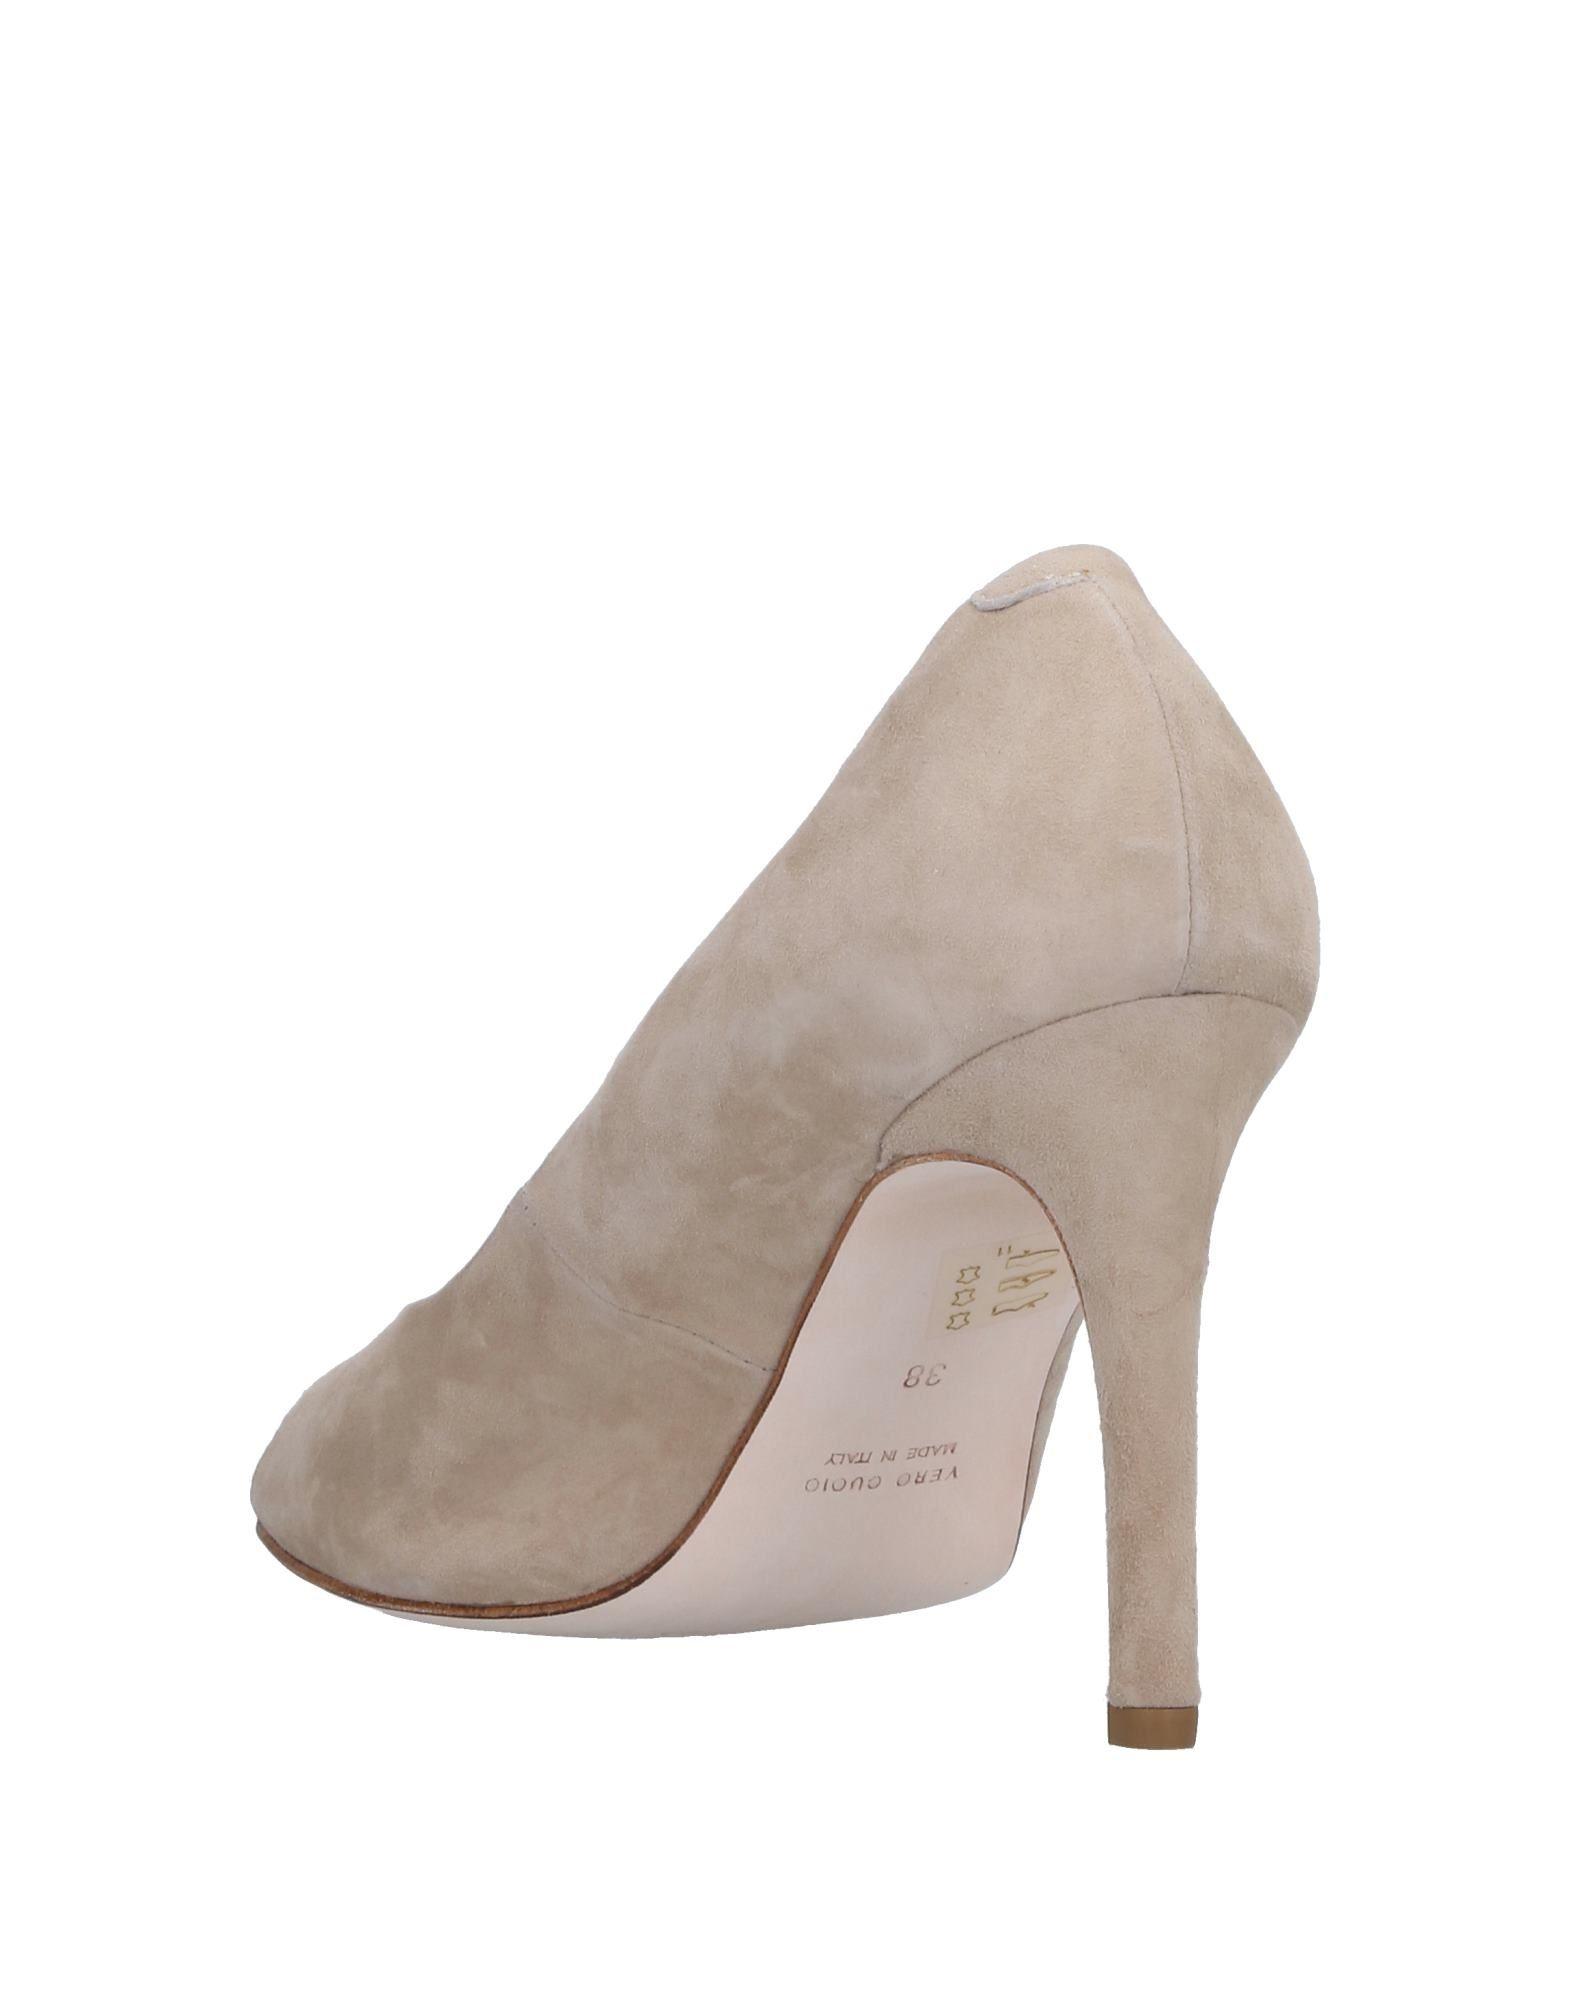 Tosca Pumps Blu Shoes Pumps Tosca Damen  11533647XG Gute Qualität beliebte Schuhe 11ff92